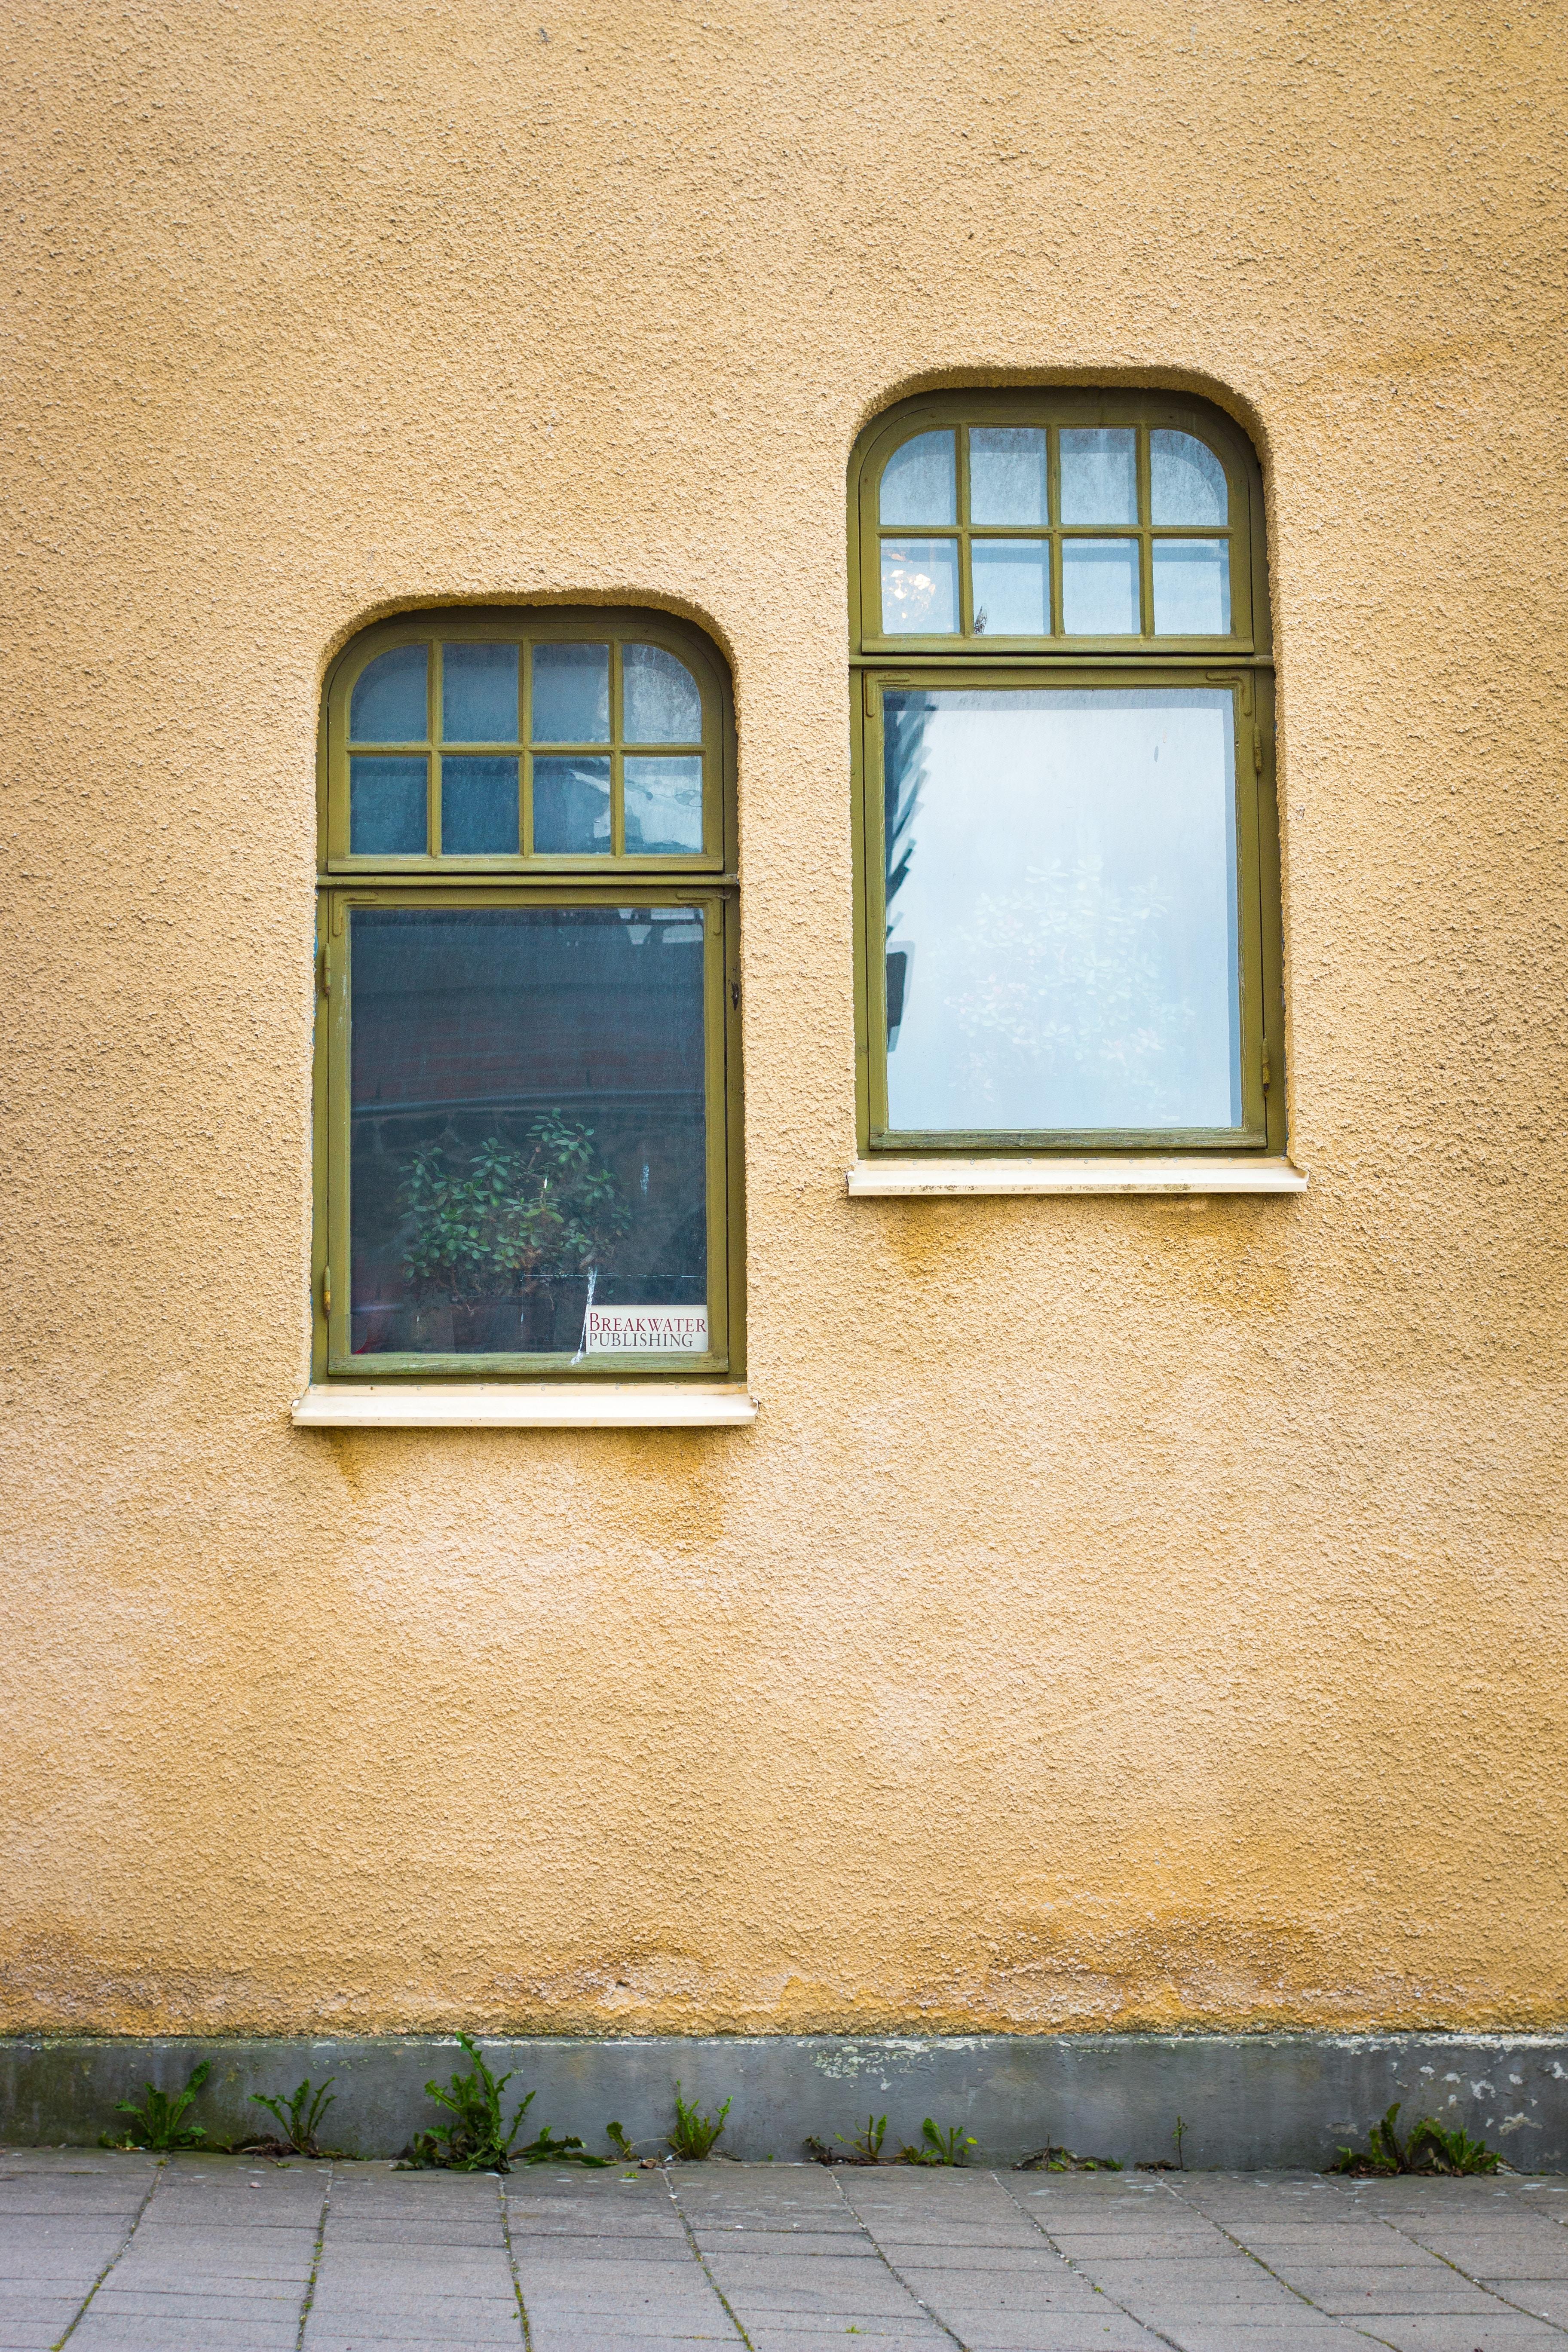 randompentek-kettosmerce-ket ablak egy falon